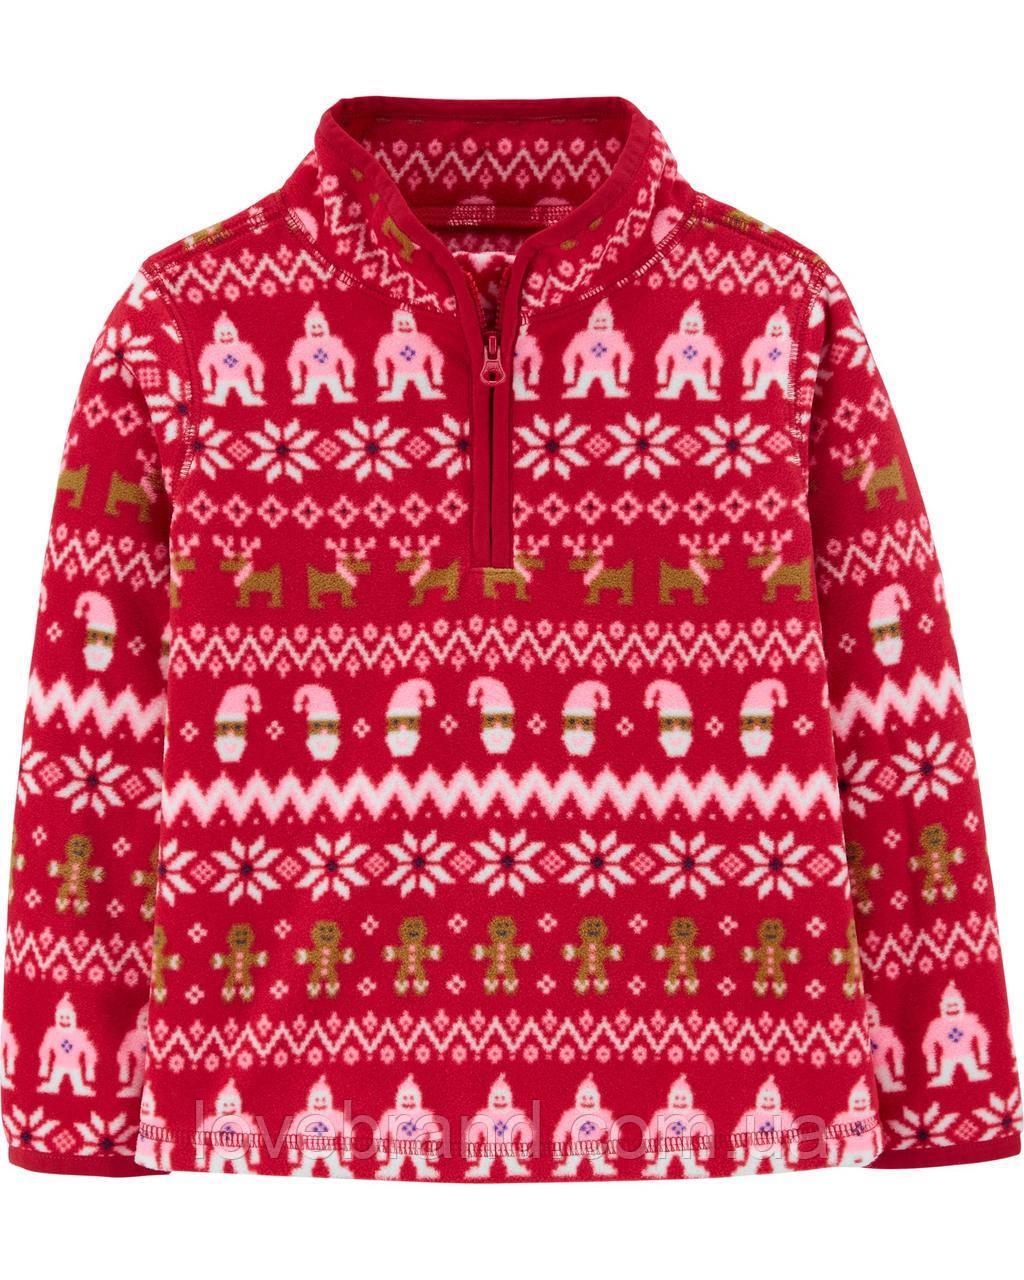 """Теплая флисовая кофта OshKosh для девочки """"Новогодняя"""" красная"""